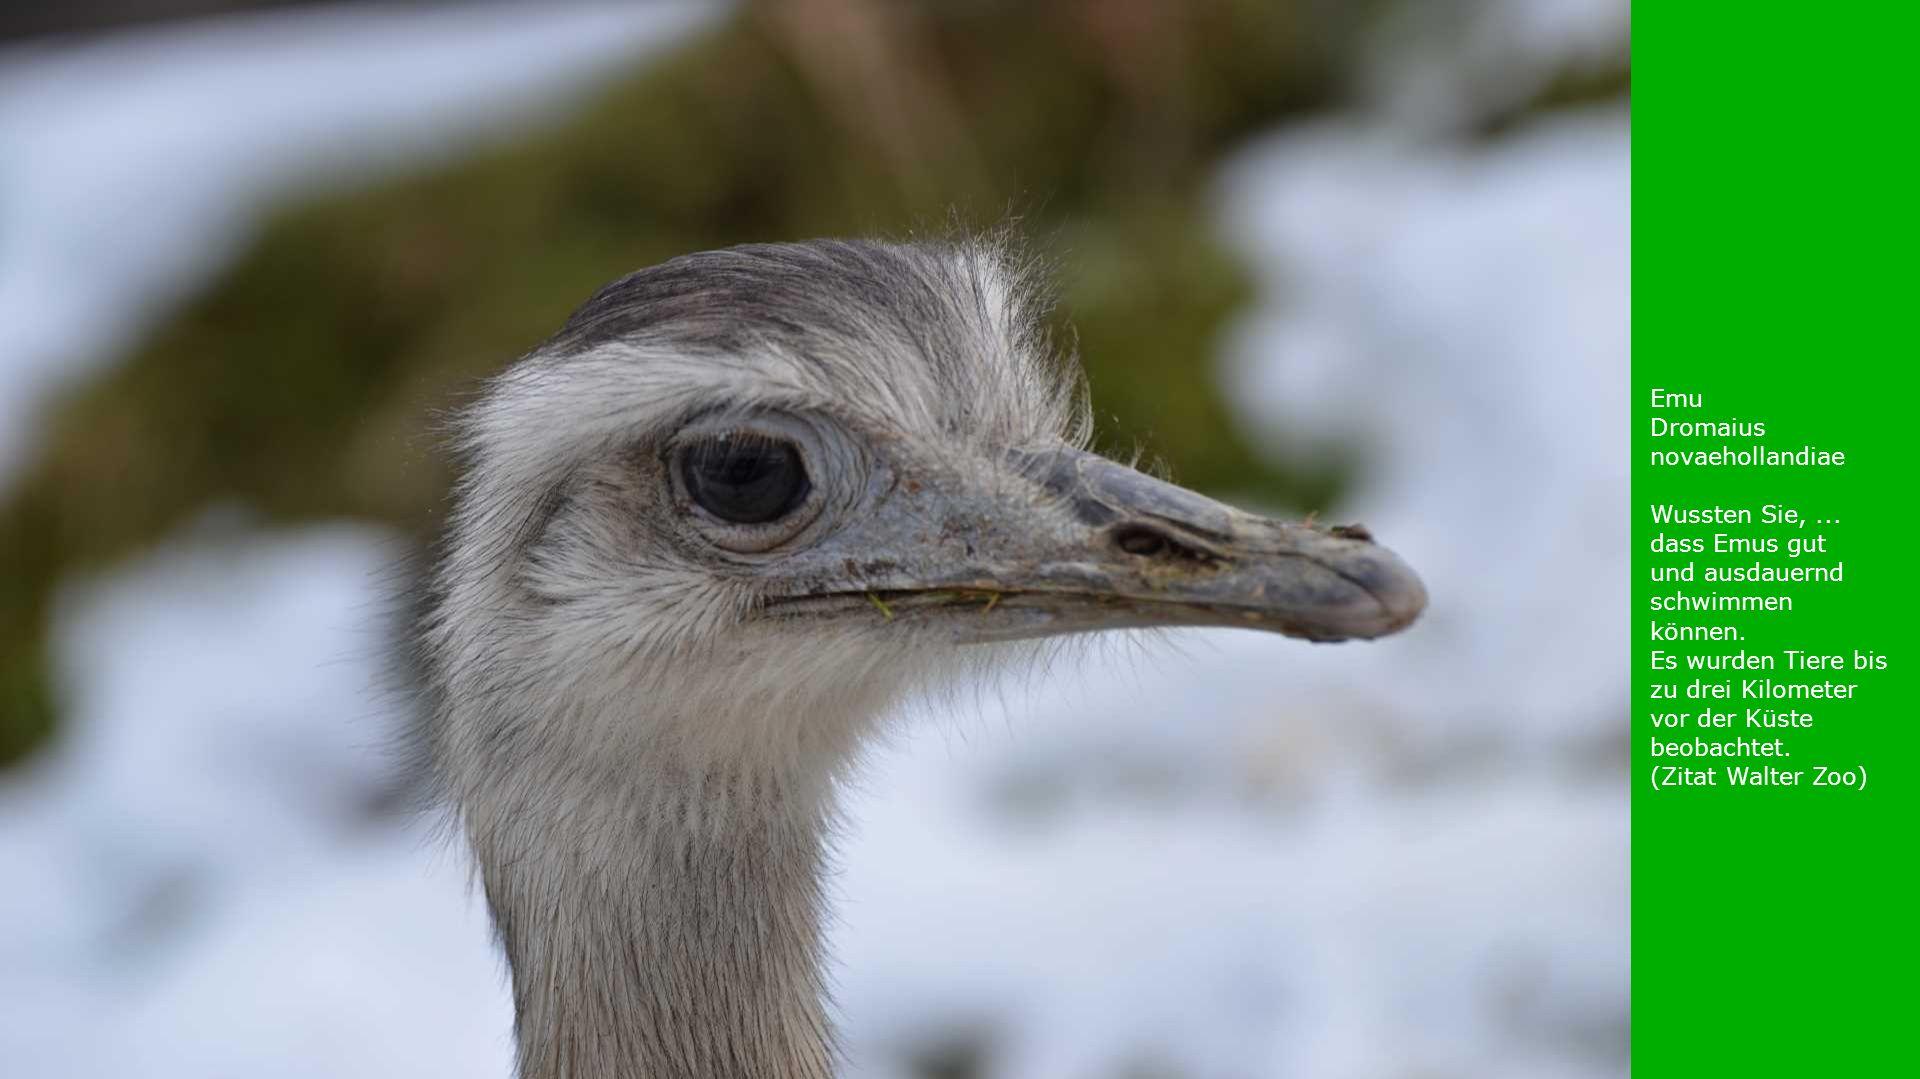 Emu Dromaius novaehollandiae Wussten Sie,... dass Emus gut und ausdauernd schwimmen können. Es wurden Tiere bis zu drei Kilometer vor der Küste beobac